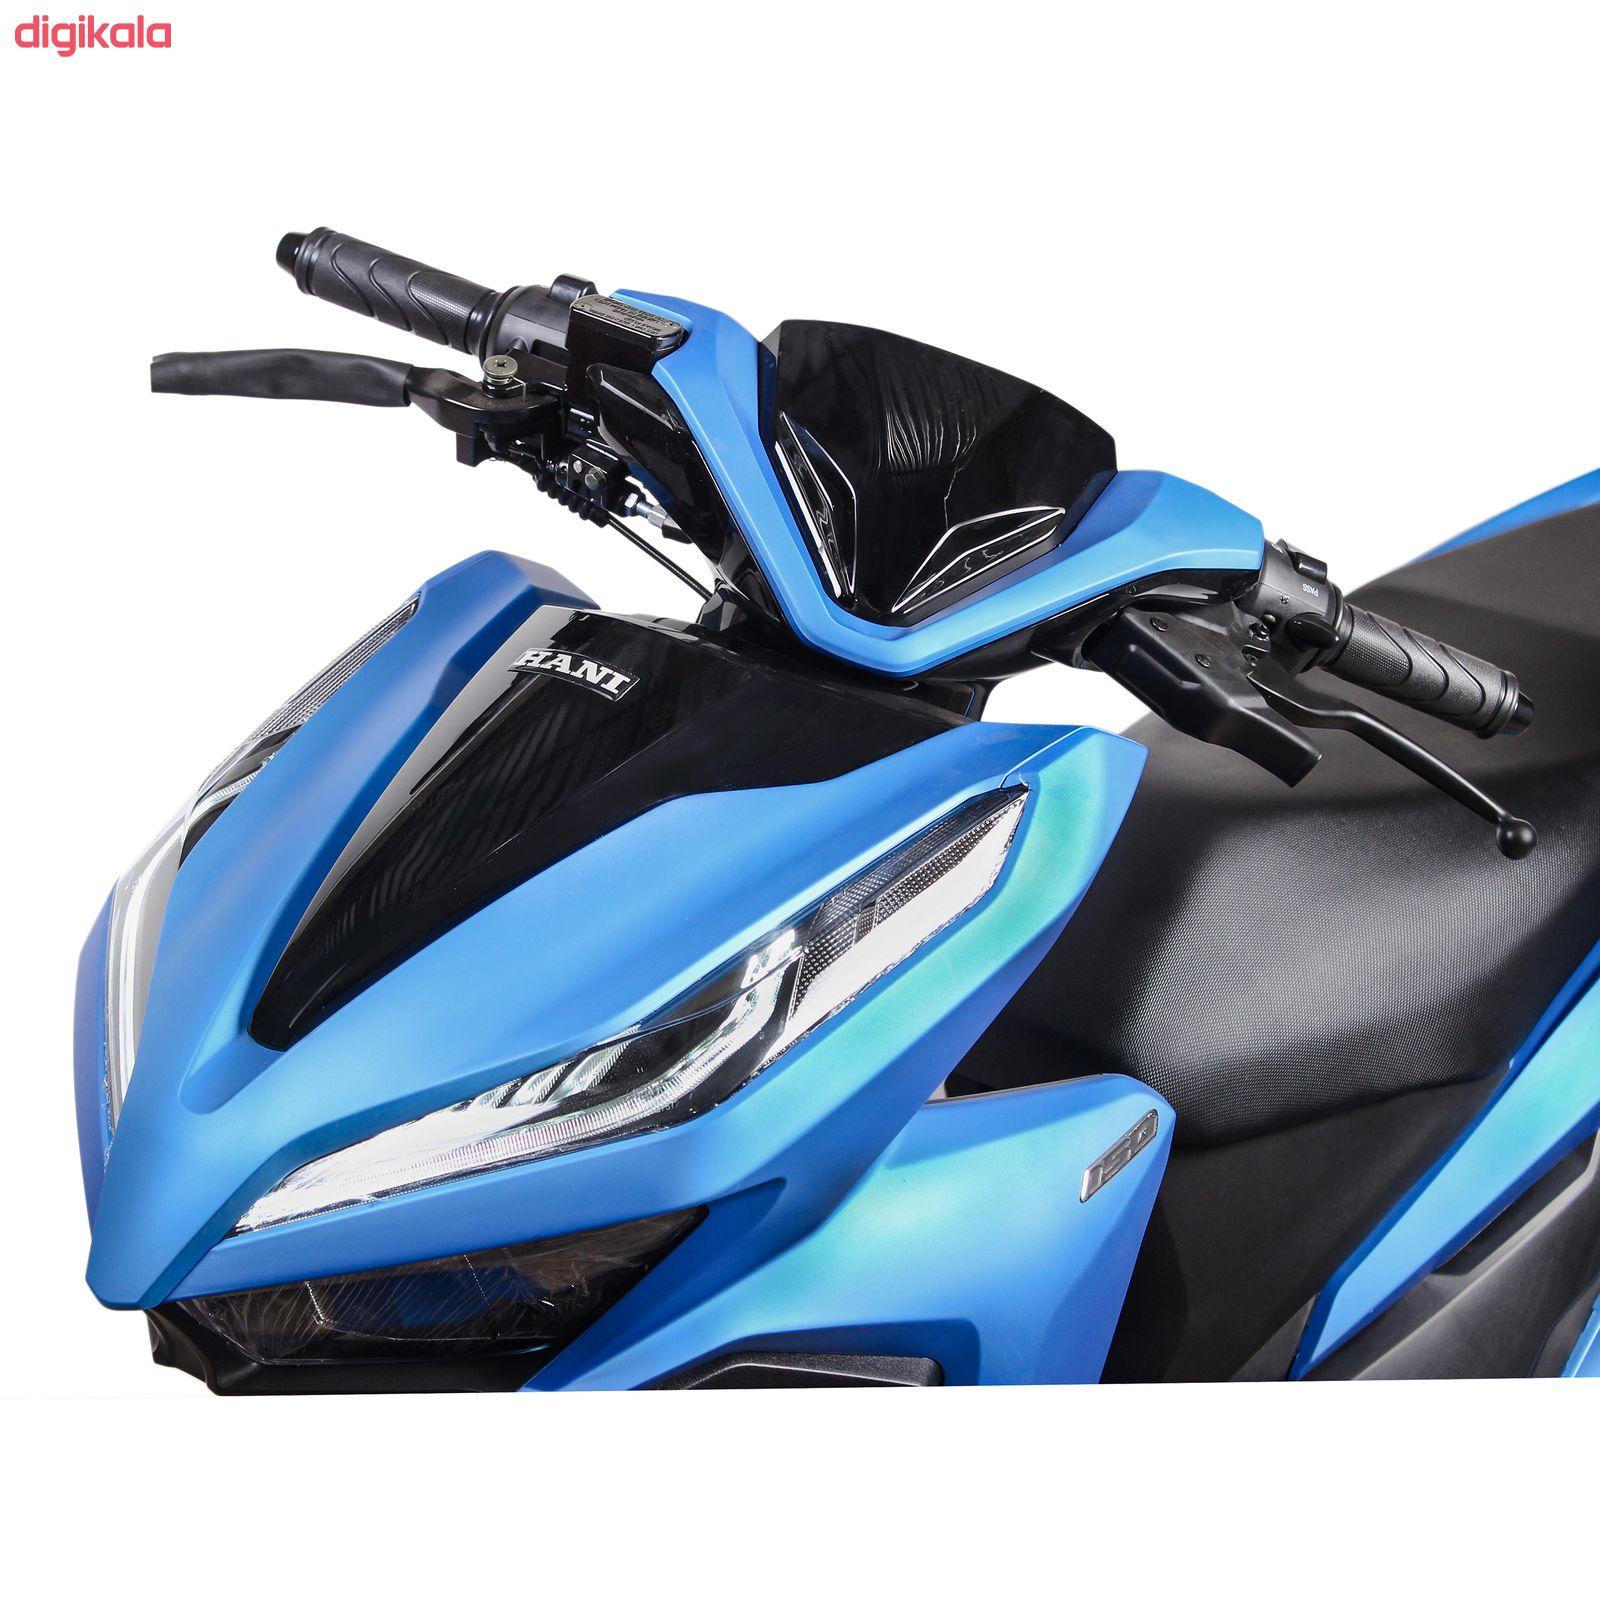 موتورسیکلت هانی مدل کلیک 150 سی سی سال 1399 main 1 3